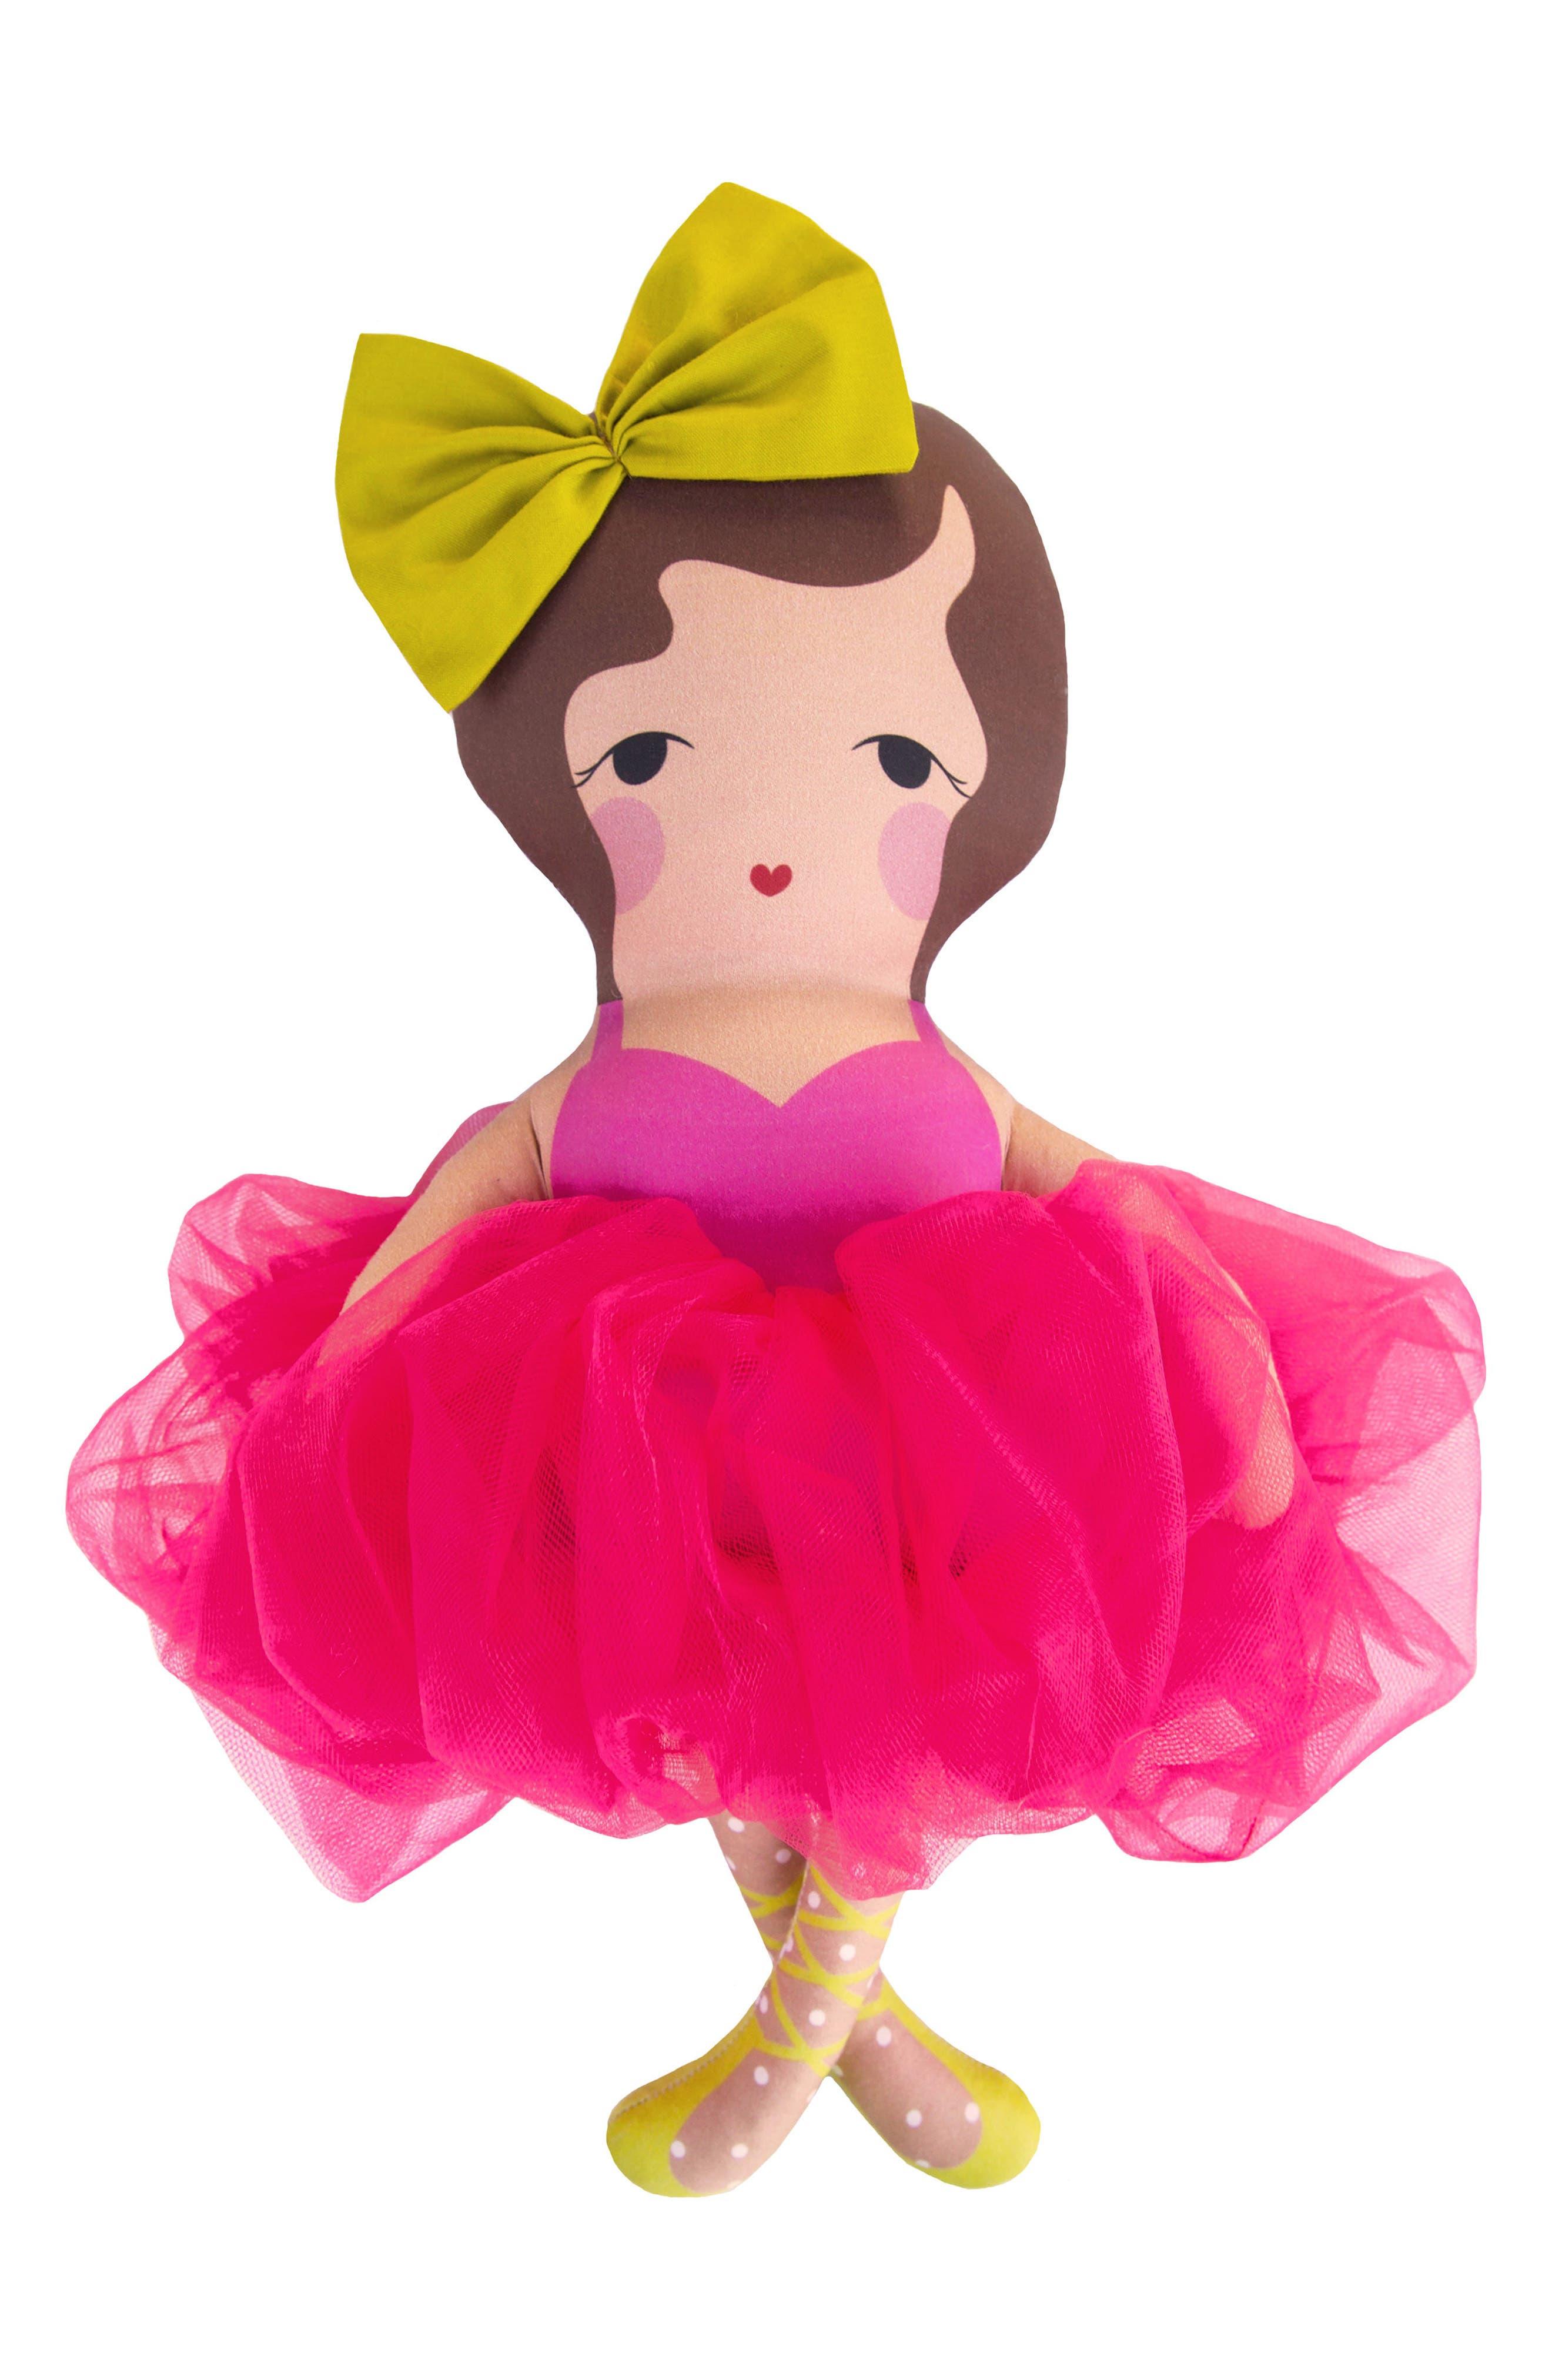 Candy Kirby Designs Aurelie Ballerina Doll